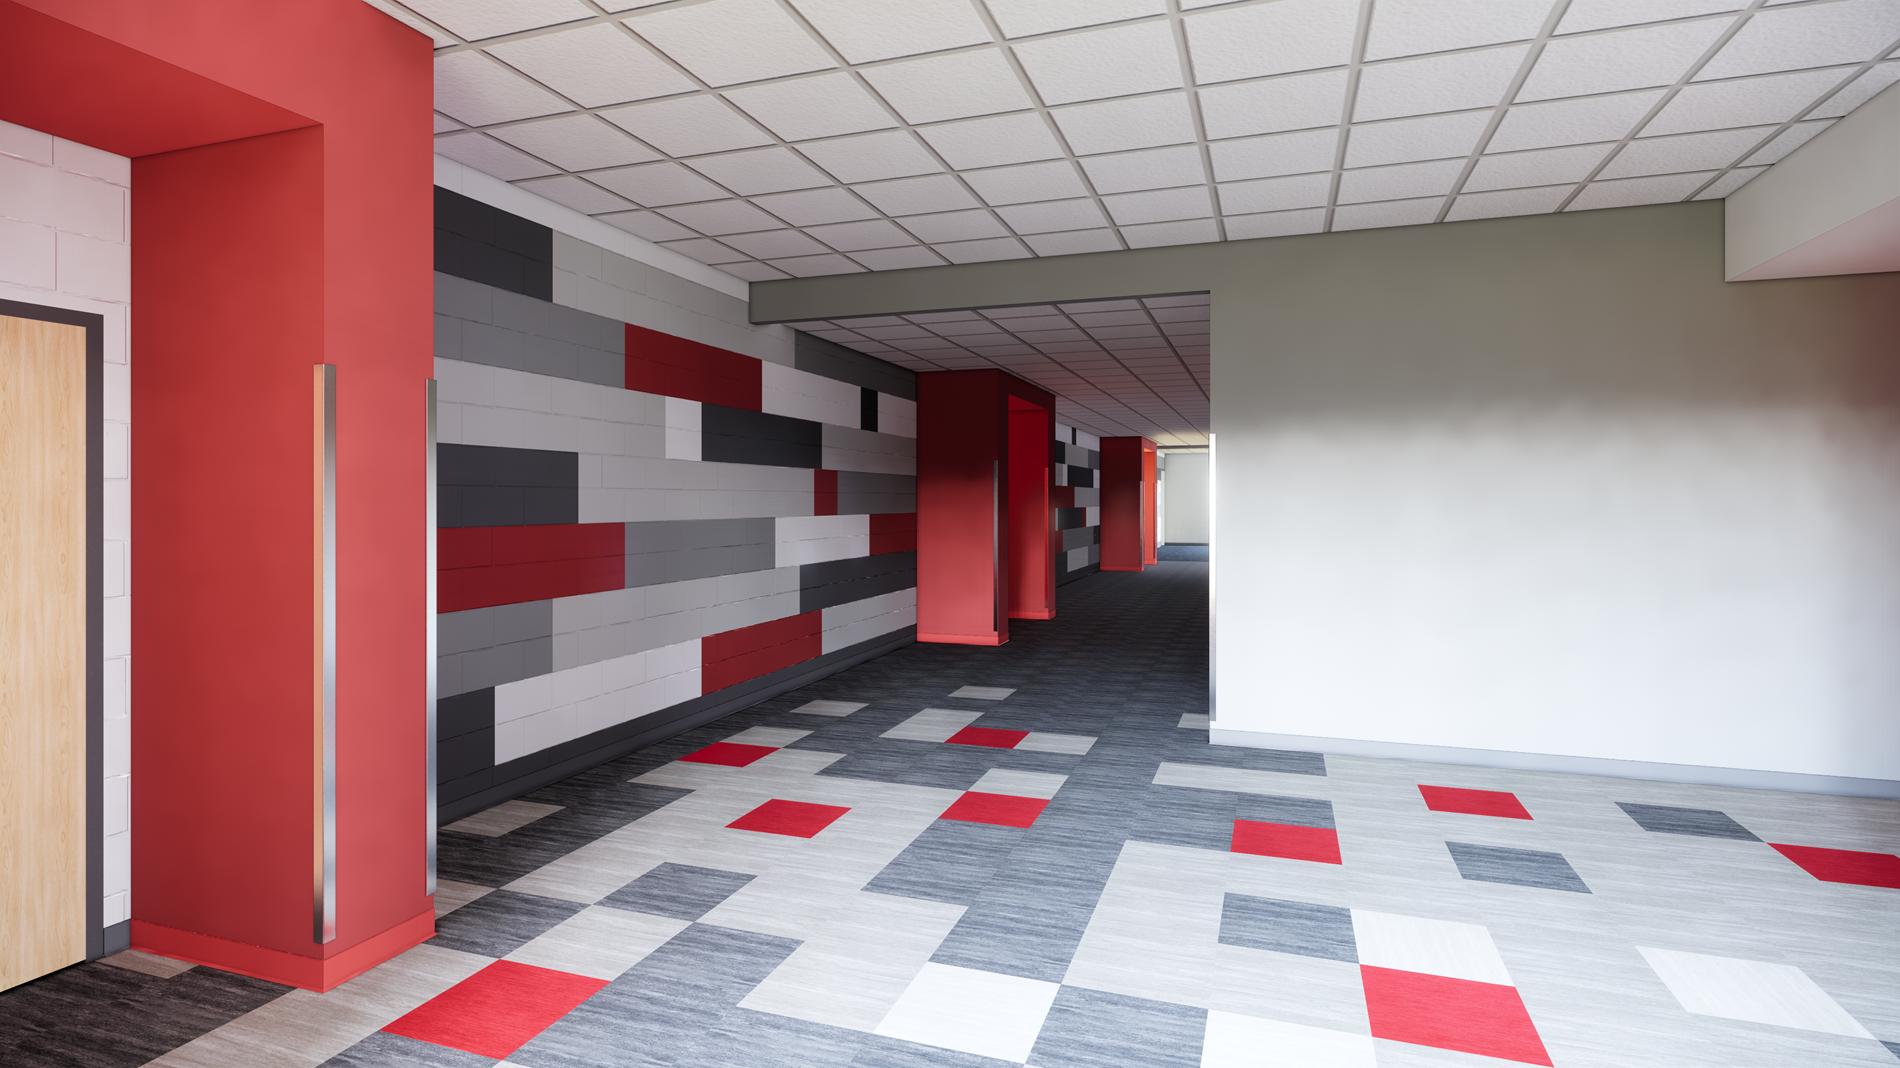 Gym Corridor